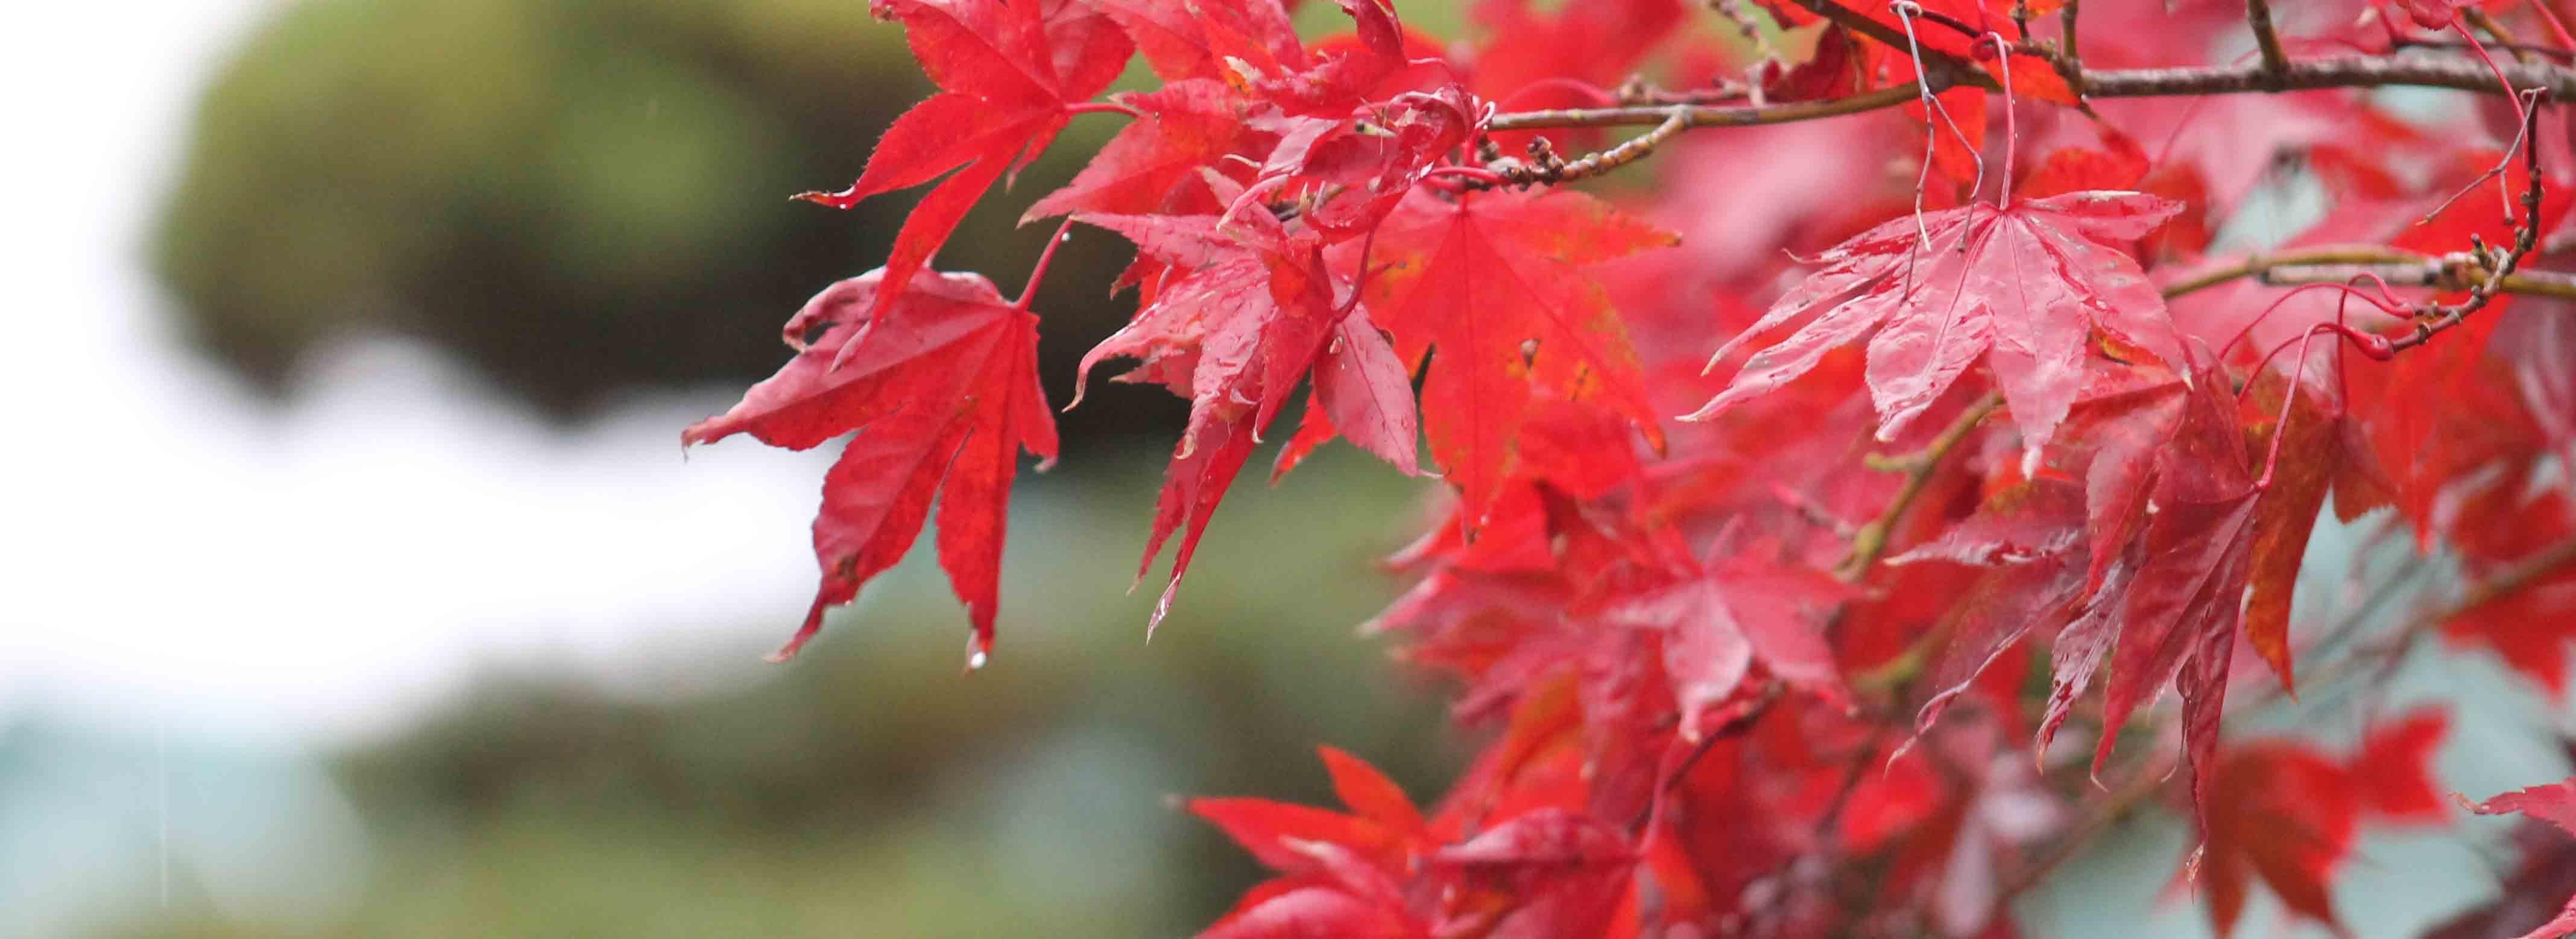 Erable automne